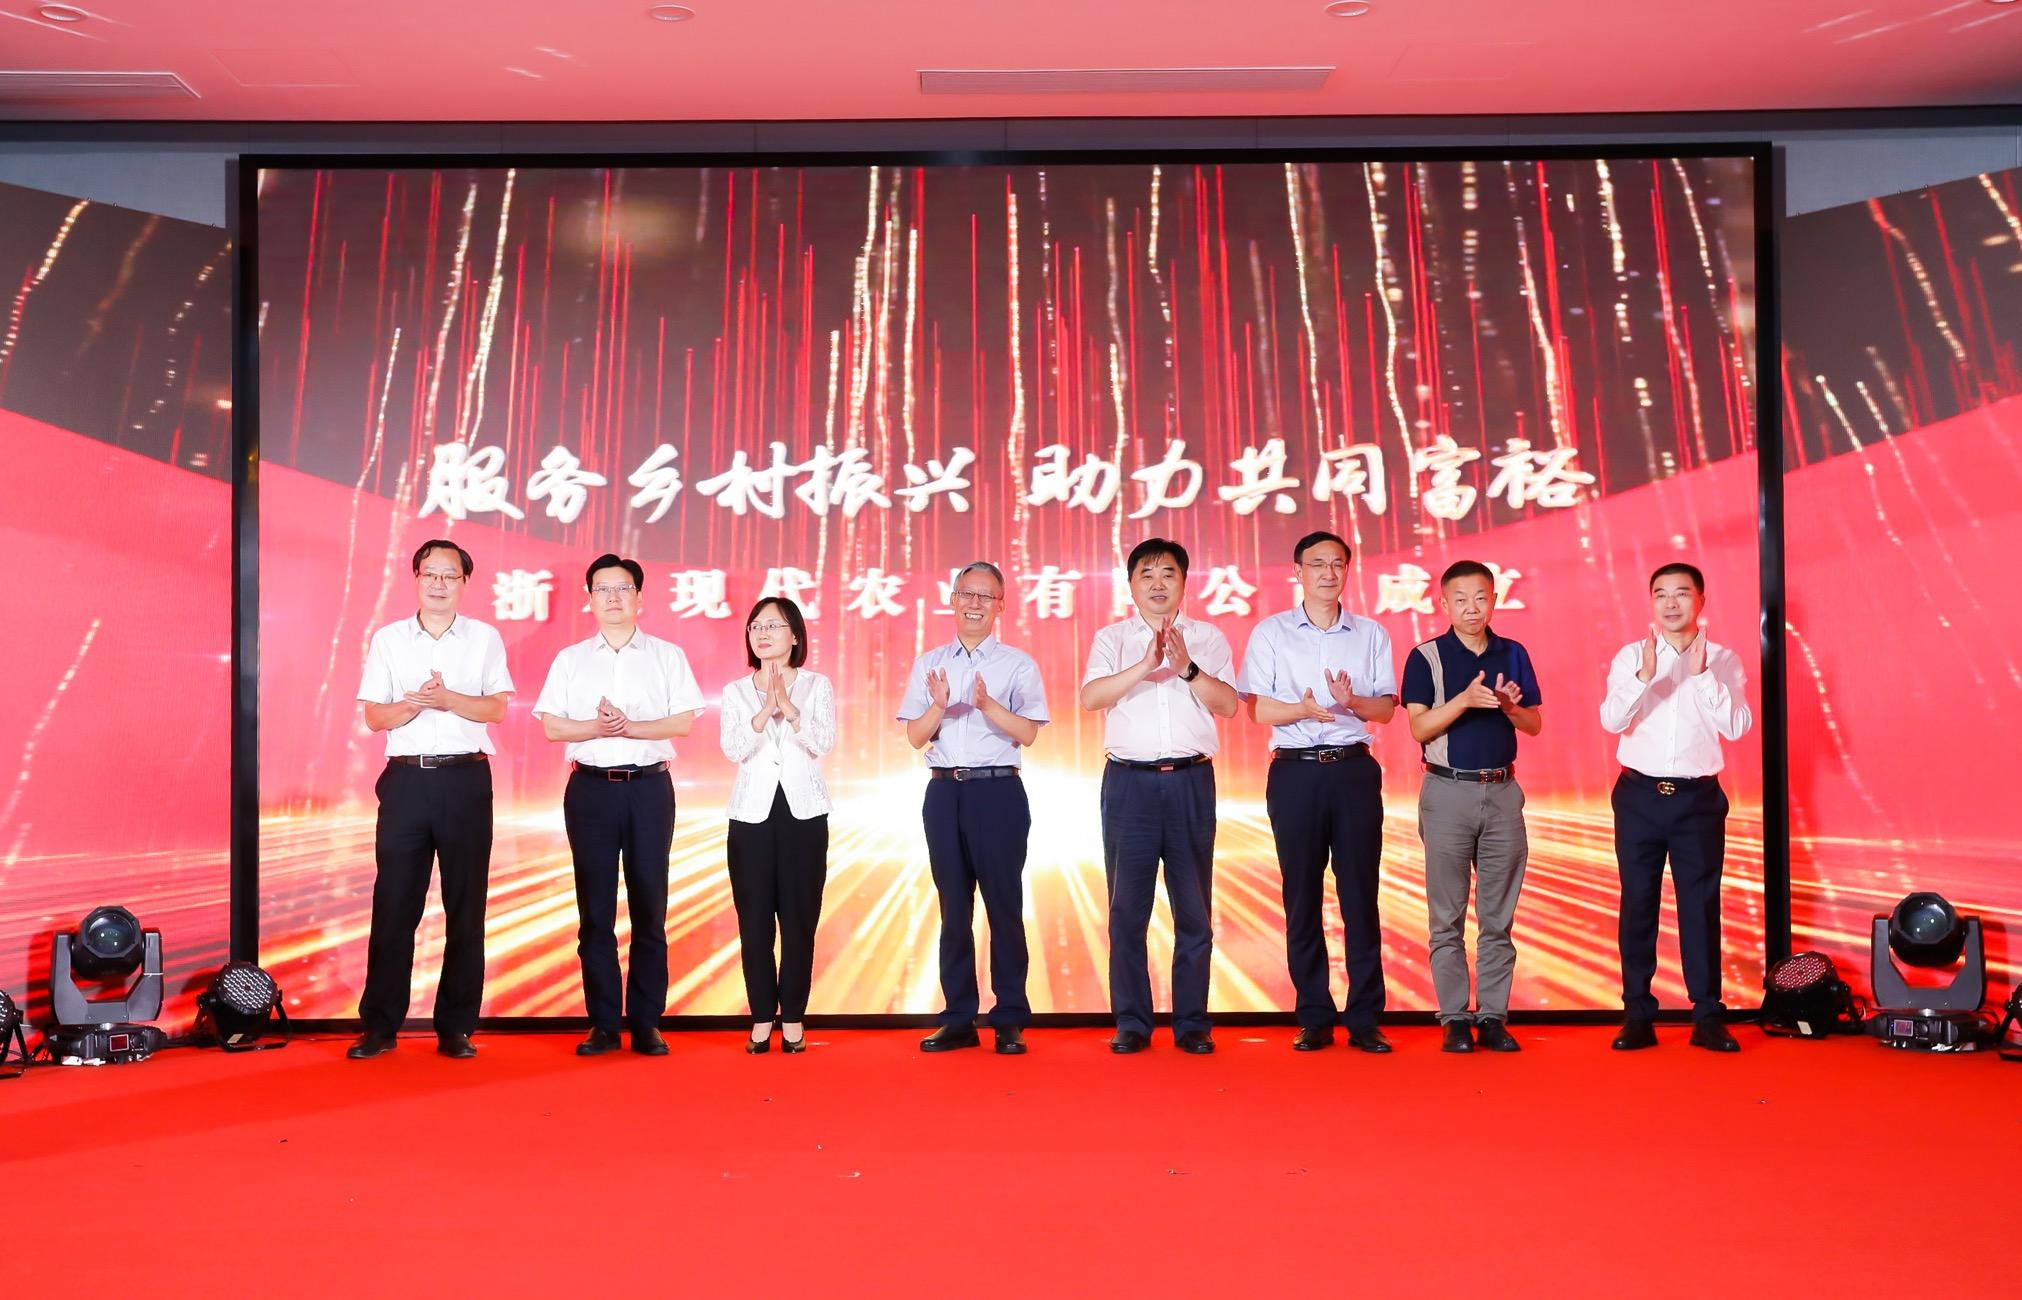 浙农股份成立专业化社会化服务公司,打造现代农业社会化服务体系